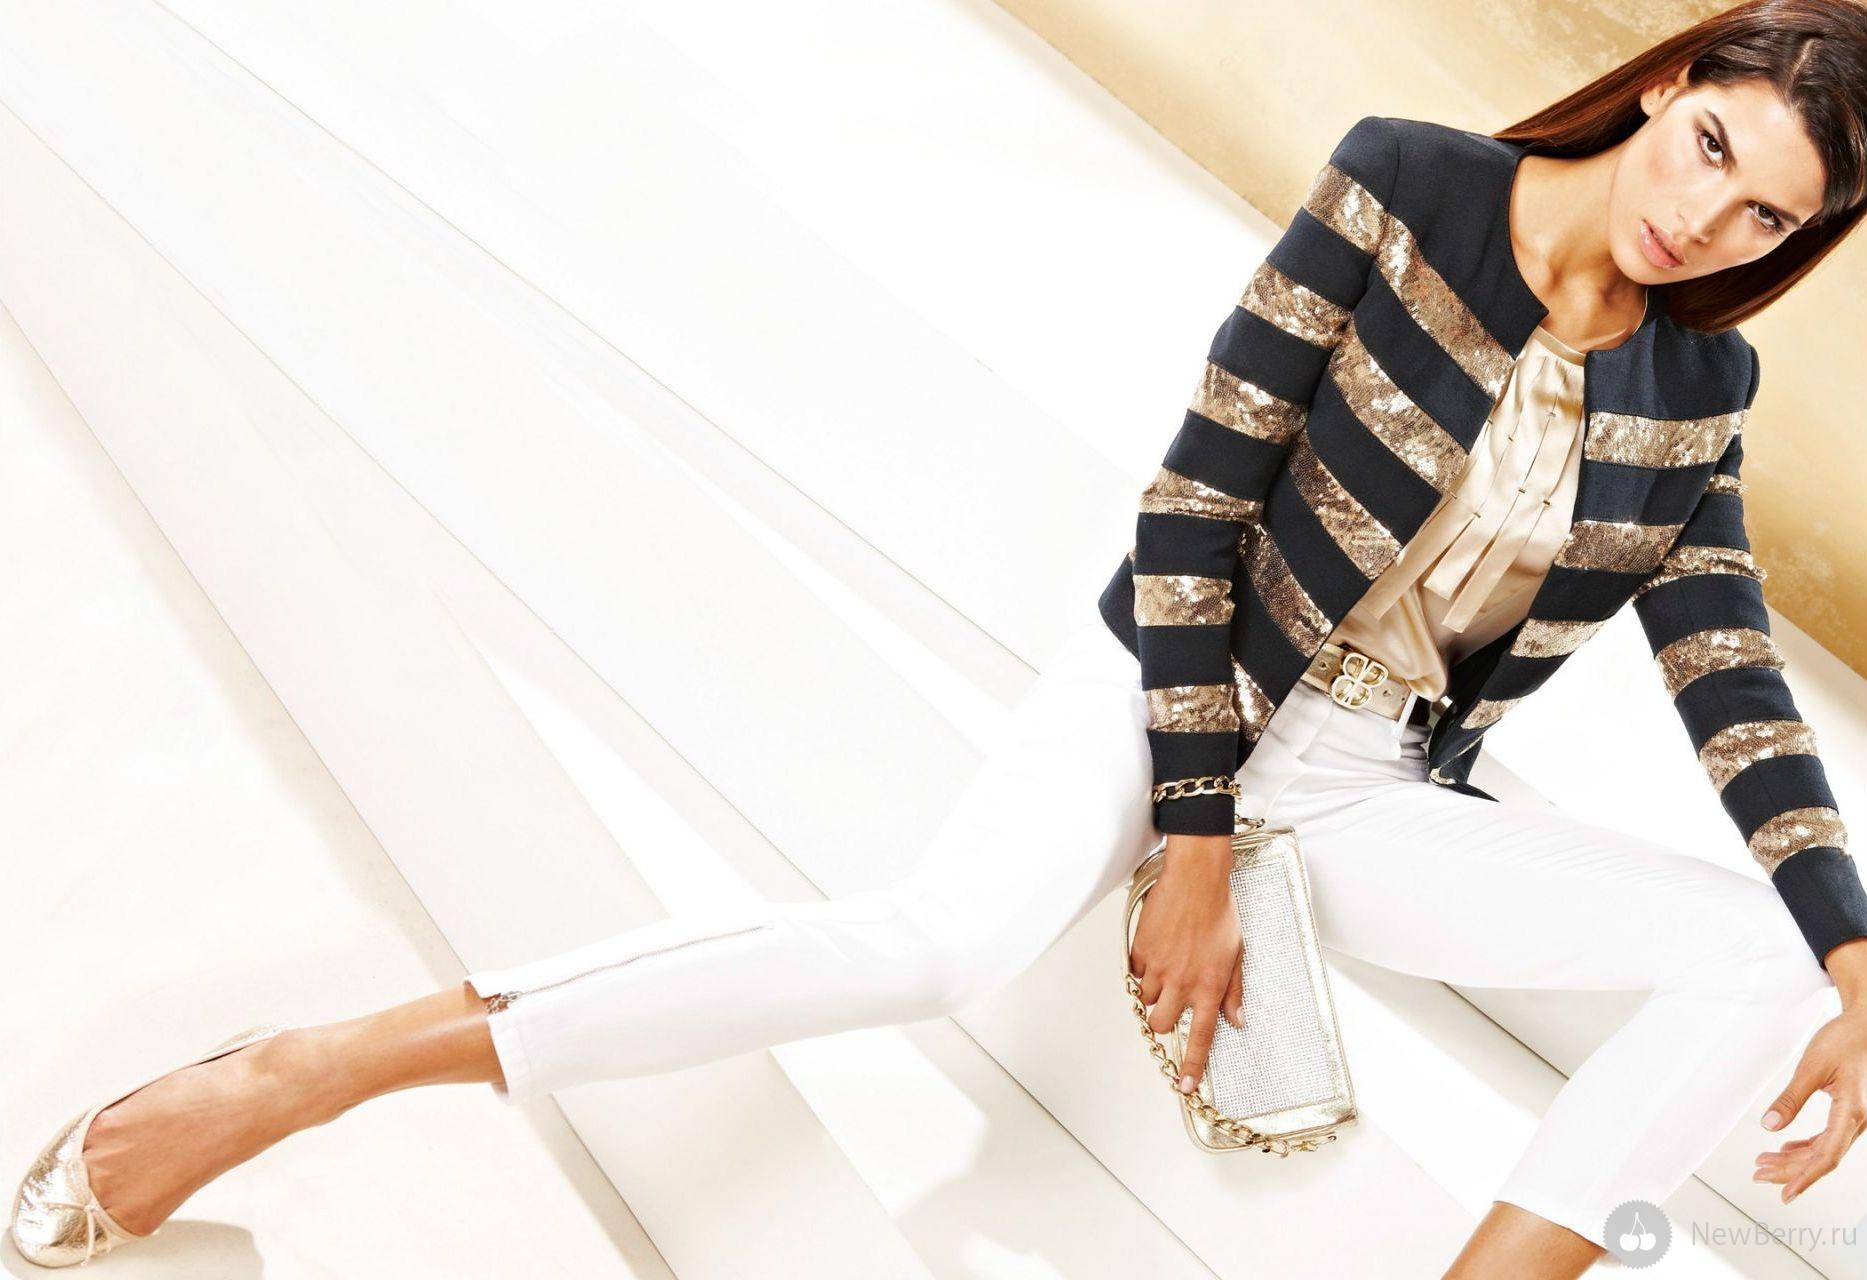 Одежда высокой моды – свежий взгляд на привычные изделия